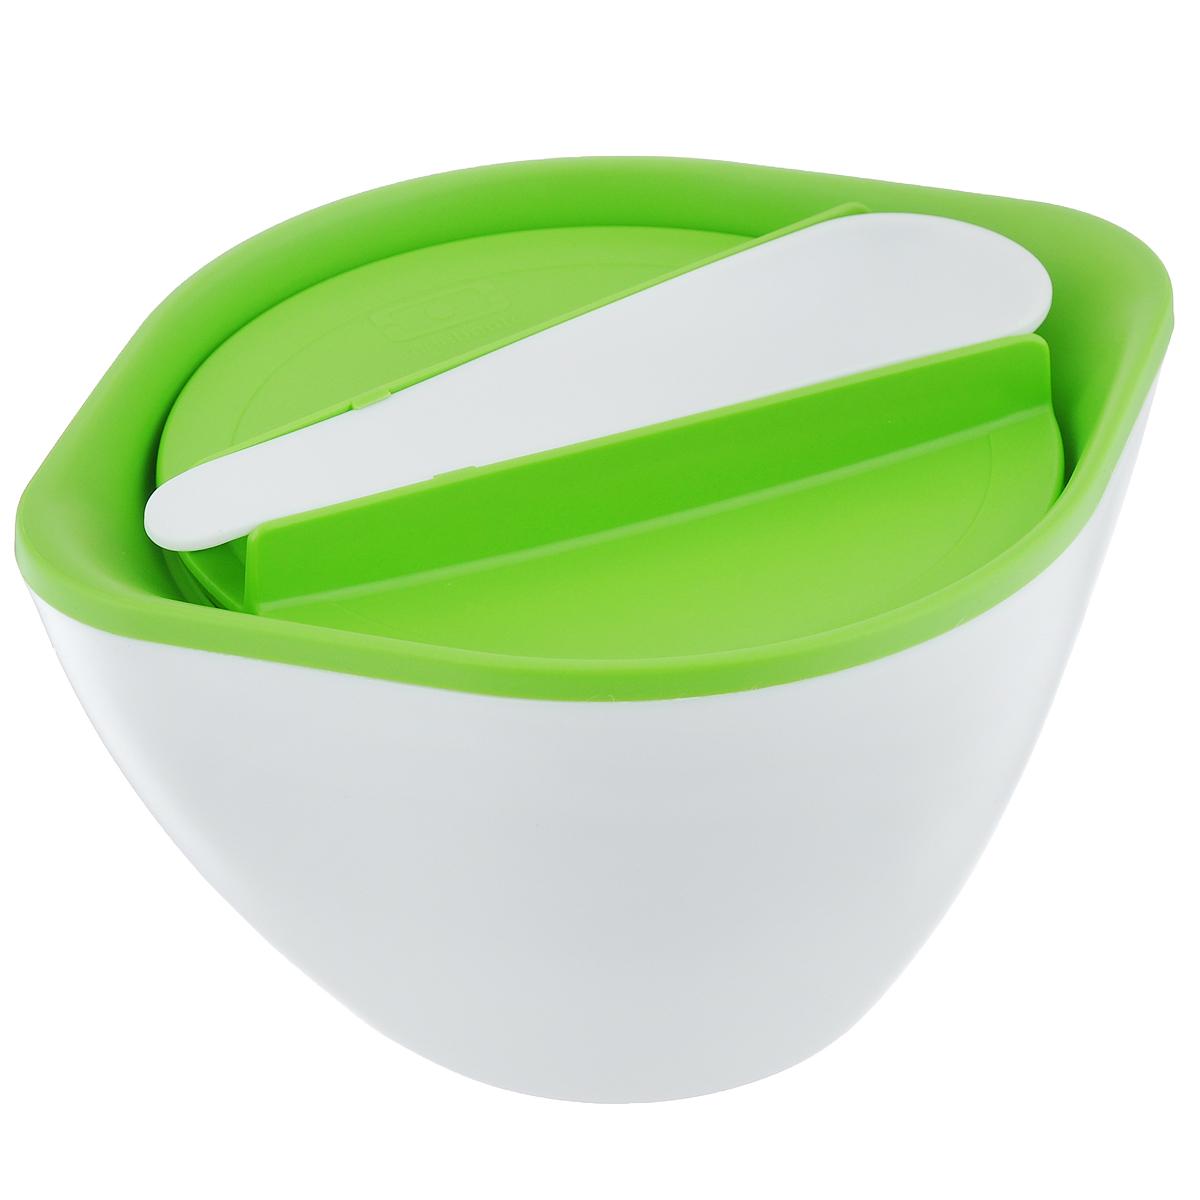 Супница Monbento Lib, цвет: салатовый, белый, 450 мл1011 03 005Термосупница Monbento Lib выполнена из высокопрочного пластика. Вакуумная крышка супницы плотно прилегает к основе, а двойные стенки супницы позволяют держать ее в руках, даже если внутри горячая еда. Супница сохранит еду горячей в течение 3-4 часов. В комплекте есть ложка, которая надежно крепиться на крышке. Супница Monbento Lib очень практична, она позволит брать с собой еду или пользоваться ей дома. Можно ставить в холодильник, греть в микроволновой печи и мыть в посудомоечной машине. Объем: 450 мл. Размер супницы: 17 см х 14 см х 9,5 см.